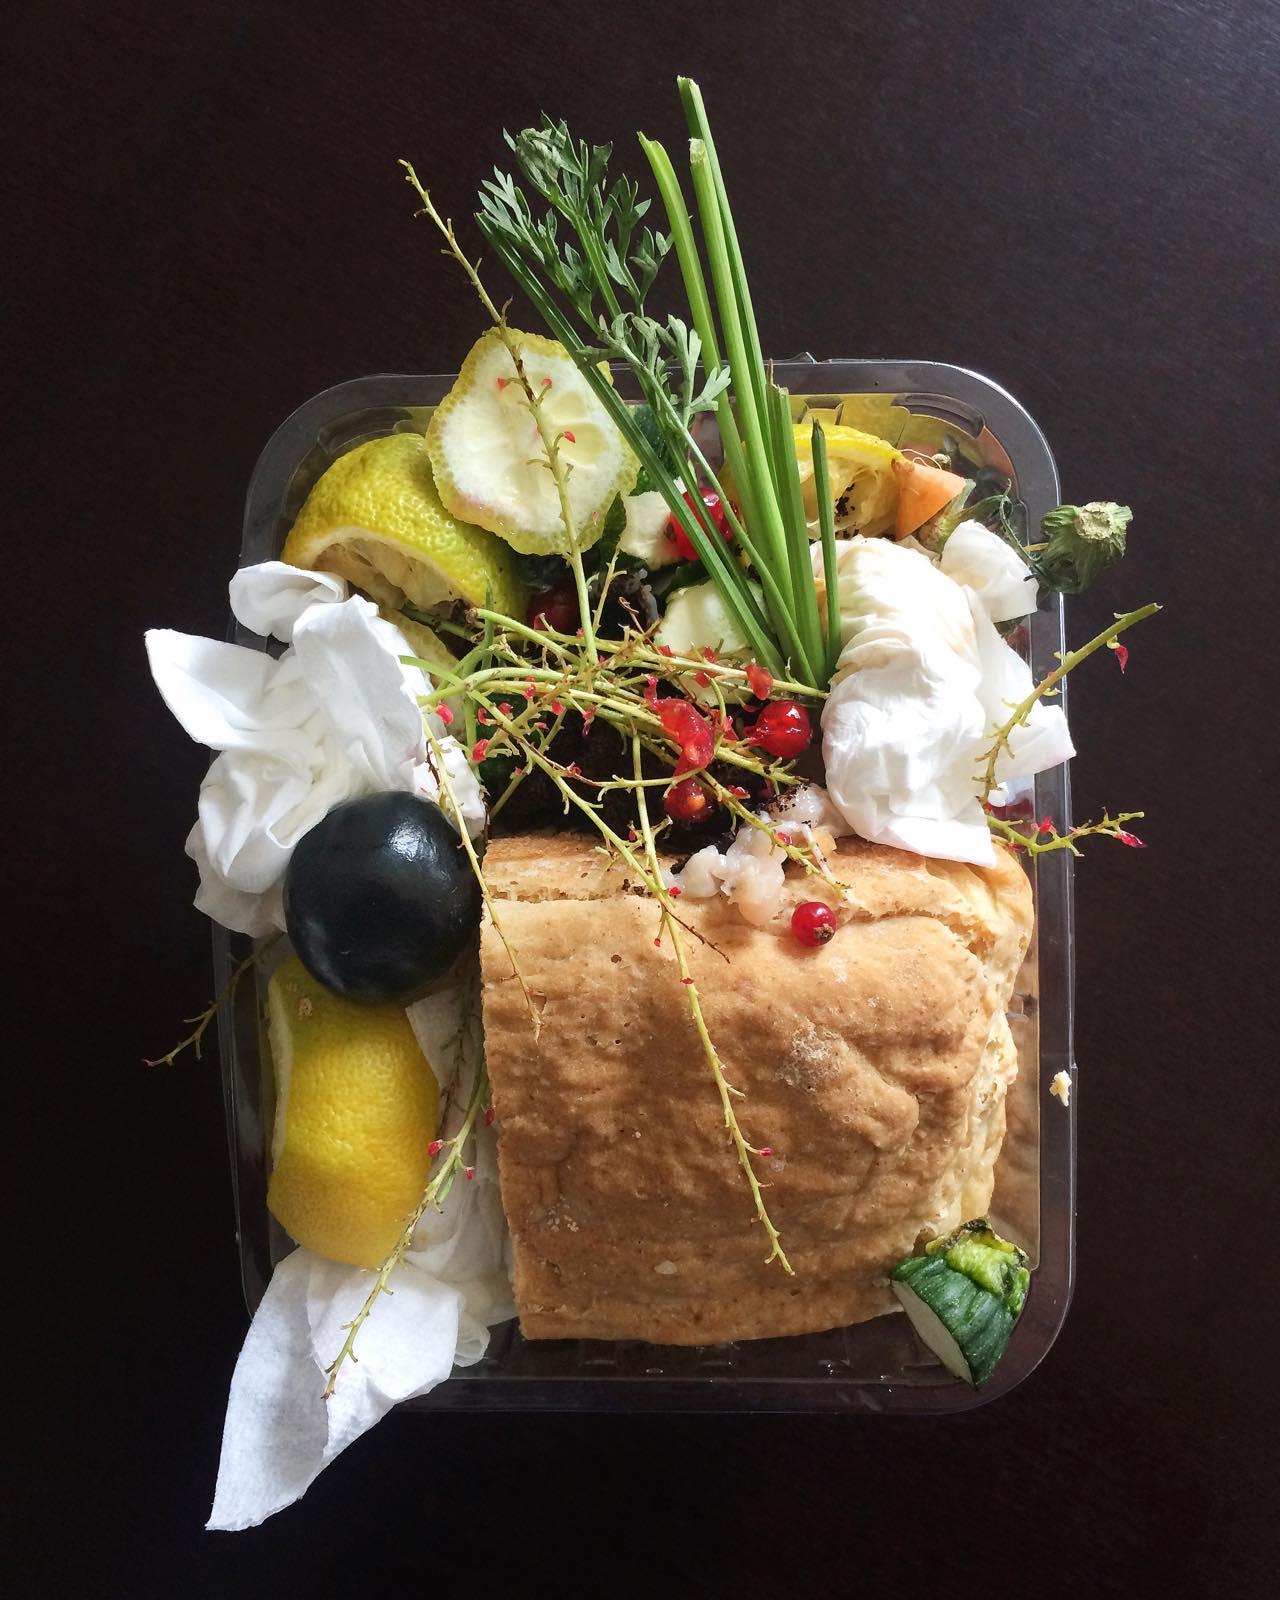 Brot, Johannisbeere, Karotte, Zitrone, Kunst Berlin, Fotografie